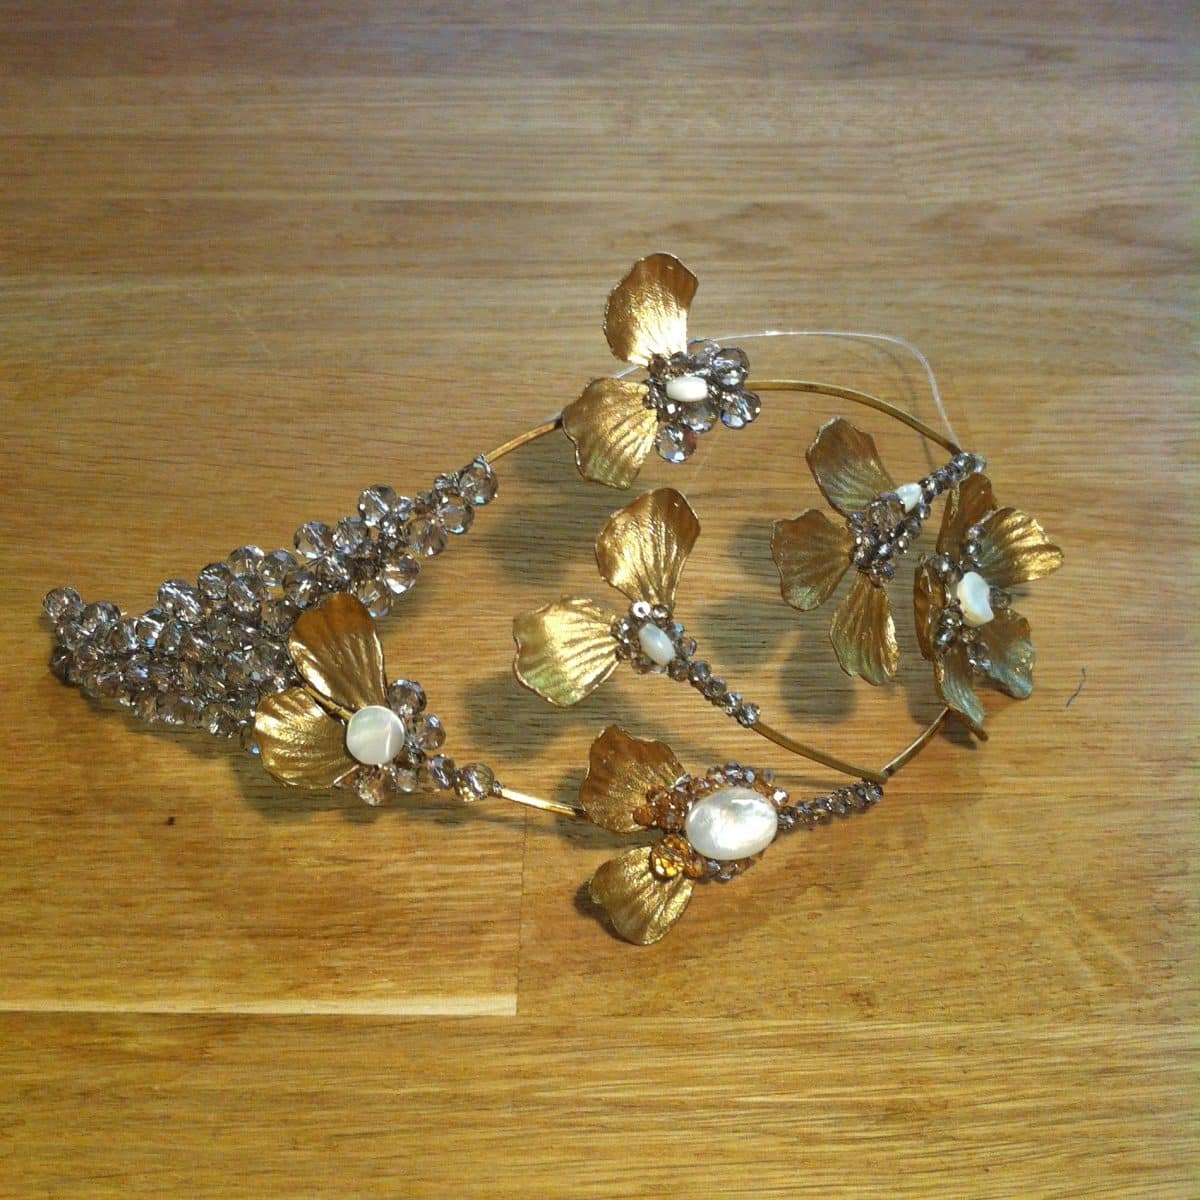 Tocado de novia en metal y cristal sobre mesa de madera